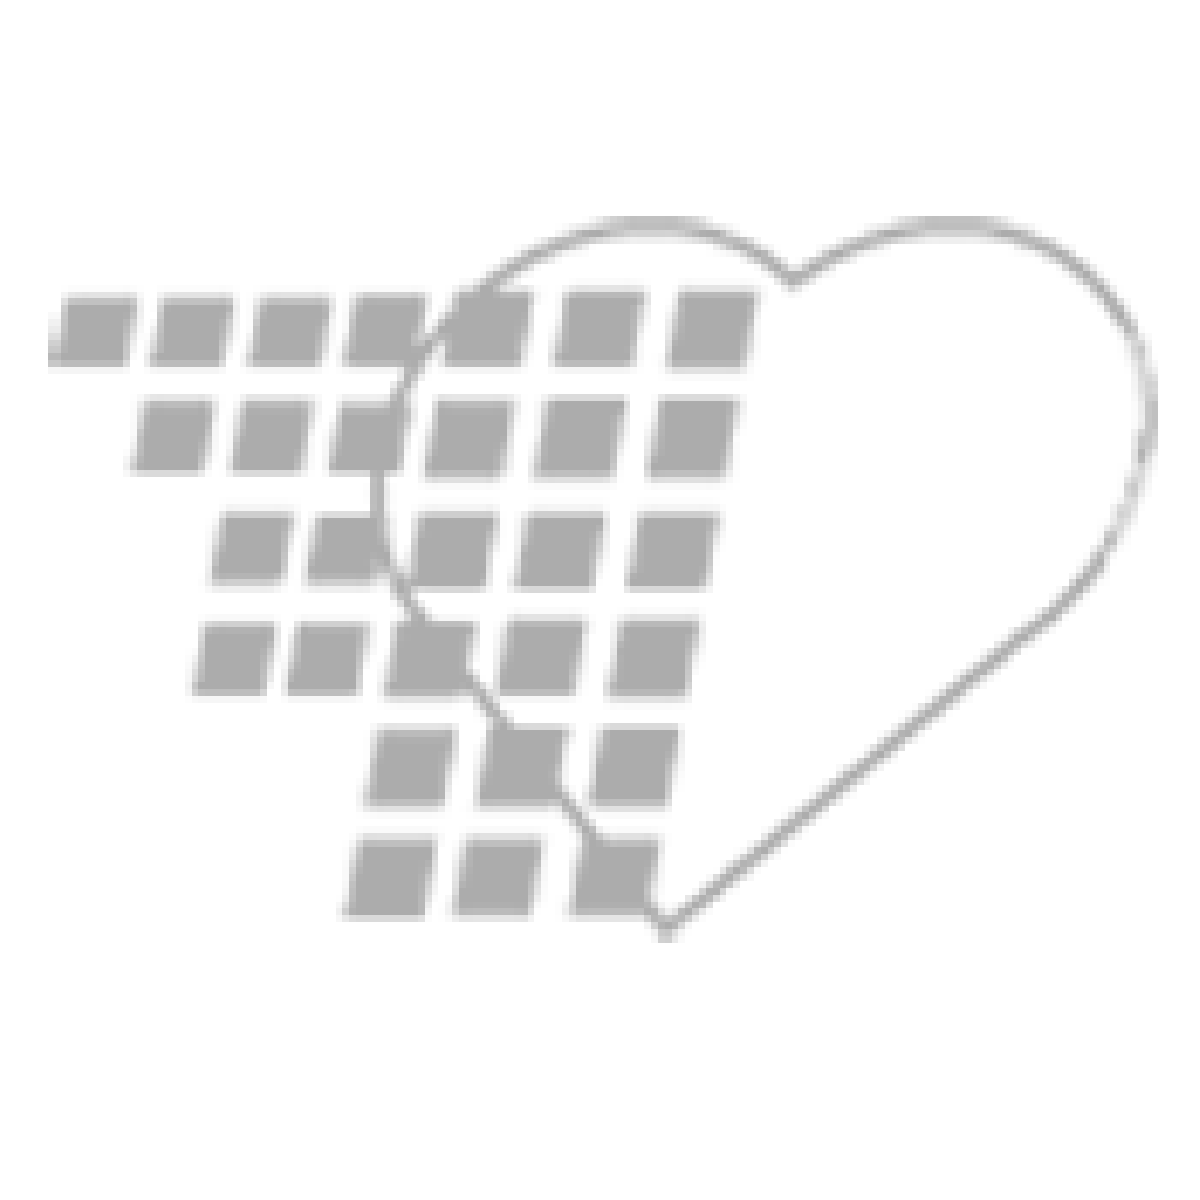 06-93-0708 Demo Dose® Metoproll (Lopressr) 50mg - 100 Pills/Box